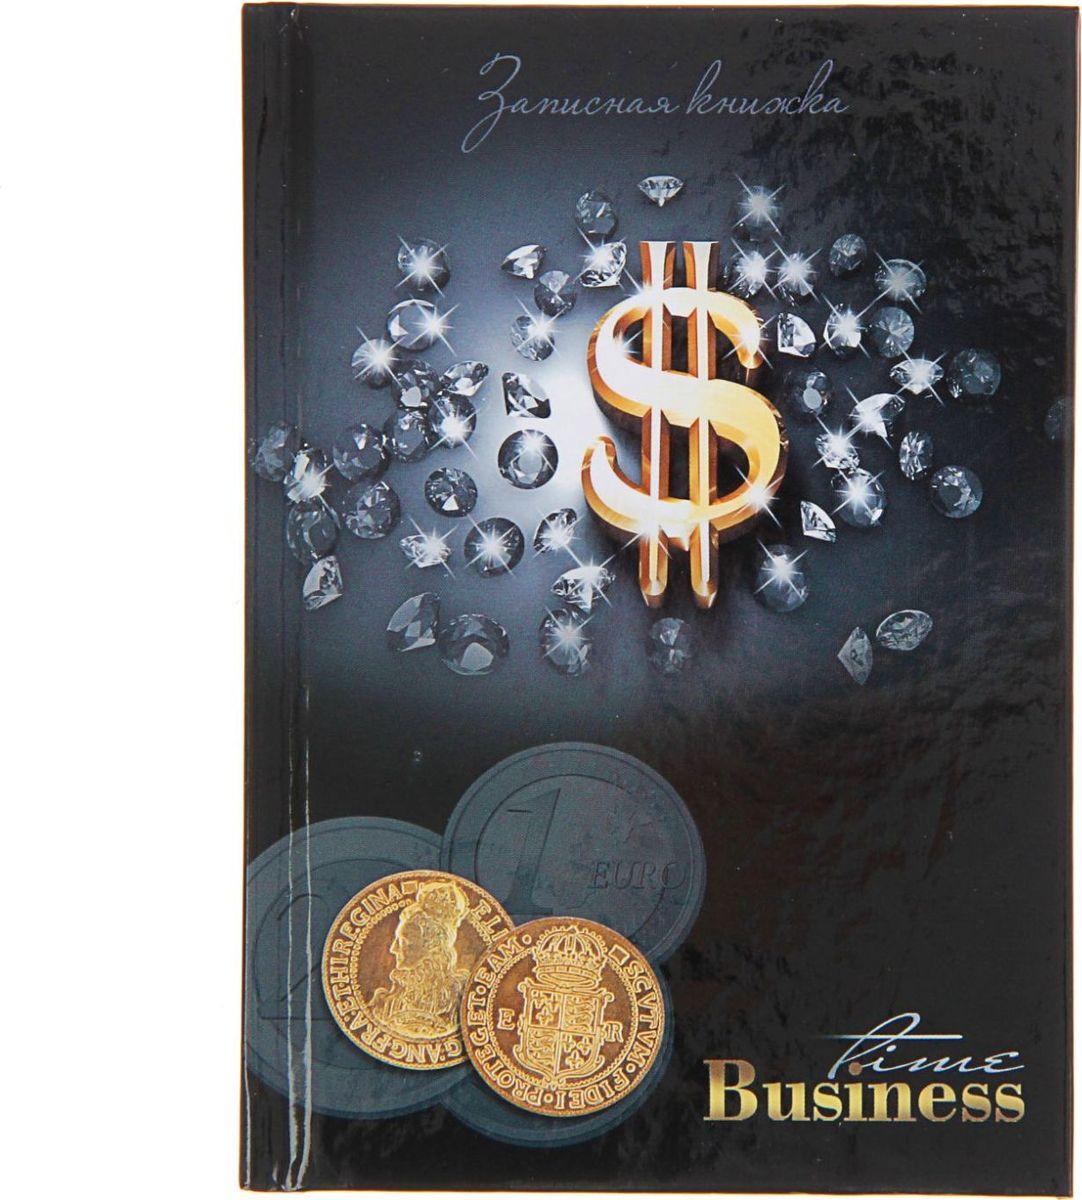 Проф-Пресс Записная книжка Золотые монеты 64 листа1211540Записная книжка — компактное и практичное полиграфическое изделие, предназначенное для разного рода записей и заметок. Такой предмет прекрасно подойдёт для фиксации повседневных дел. Это канцелярское изделие отличается красочным оформлением и придётся по душе как взрослому, так и ребёнку. Записная книжка твёрдая обложка А6, 64 листа Золотые монеты, глянцевая ламинация обладает всеми необходимыми характеристиками, чтобы стать вашим полноценным помощником на каждый день.